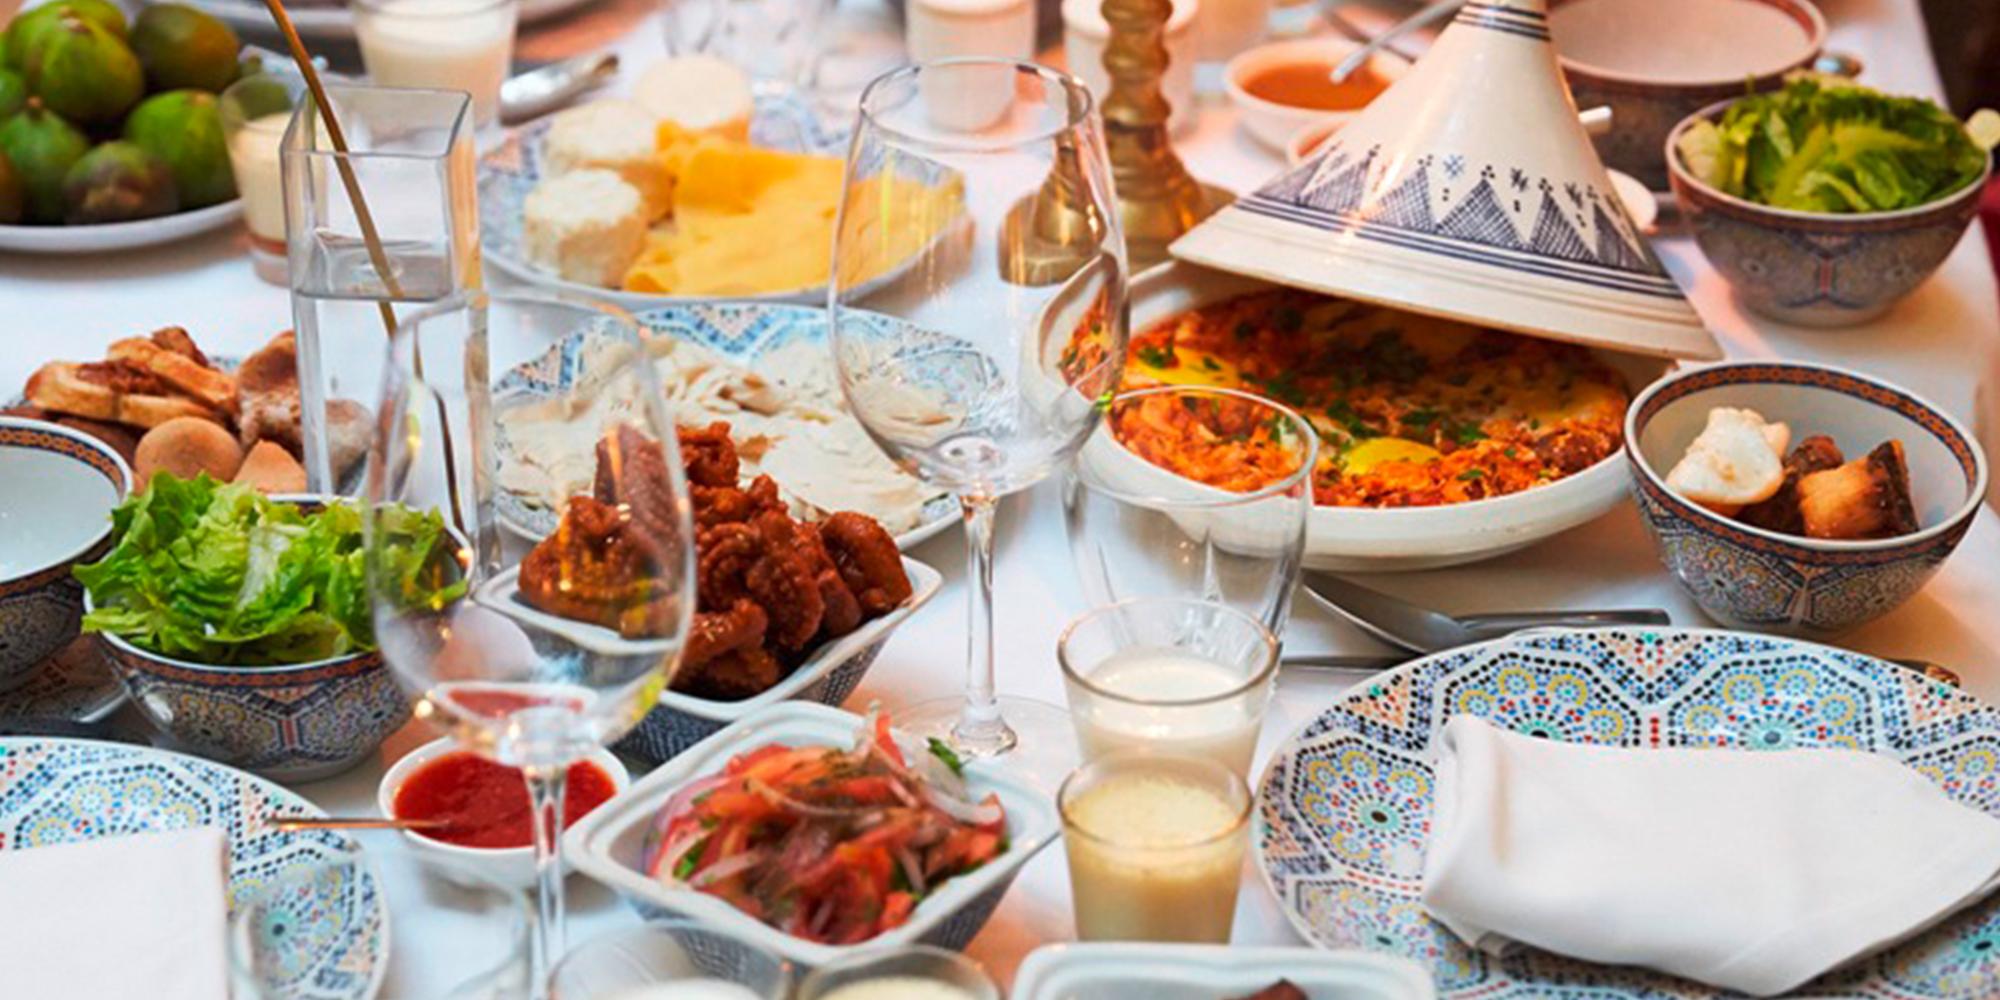 Maroc et Ramadan : qu'est-ce que ça change pour le tourisme ?